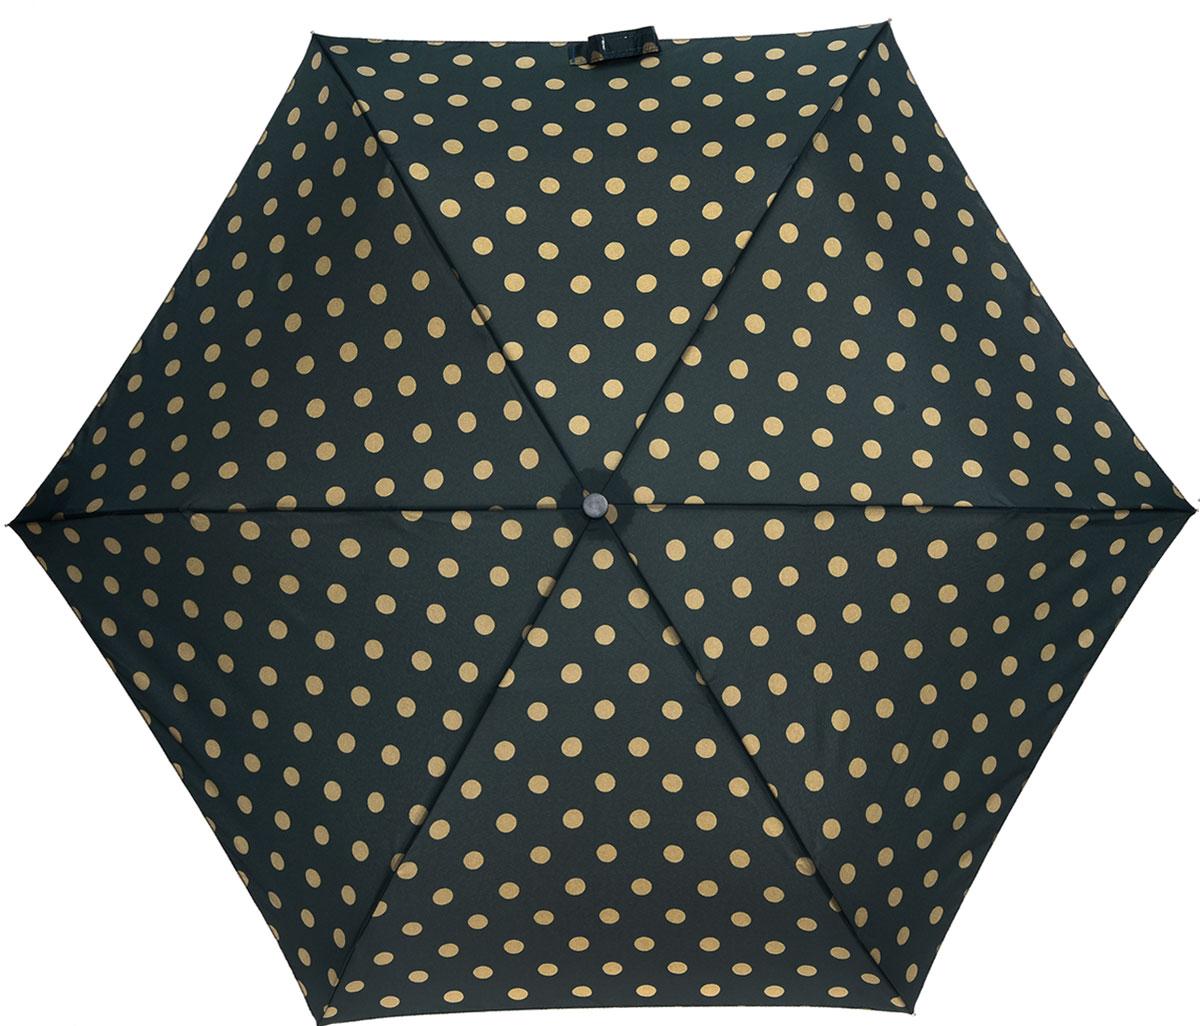 Зонт женский Cath Kidston Minilite, механический, 3 сложения, цвет: темно-зеленый, бежевый. L768-2850Колье (короткие одноярусные бусы)Стильный механический зонт Cath Kidston Minilite в 3 сложения даже в ненастную погоду позволит вам оставаться элегантной. Облегченный каркас зонта выполнен из 8 спиц из фибергласса и алюминия, стержень также изготовлен из алюминия, удобная рукоятка - из пластика. Купол зонта выполнен из прочного полиэстера. В закрытом виде застегивается хлястиком на липучке. Яркий оригинальный принт в горох поднимет настроение в дождливый день.Зонт механического сложения: купол открывается и закрывается вручную до характерного щелчка.На рукоятке для удобства есть небольшой шнурок, позволяющий надеть зонт на руку тогда, когда это будет необходимо. К зонту прилагается чехол с небольшой нашивкой с названием бренда. Такой зонт компактно располагается в кармане, сумочке, дверке автомобиля.